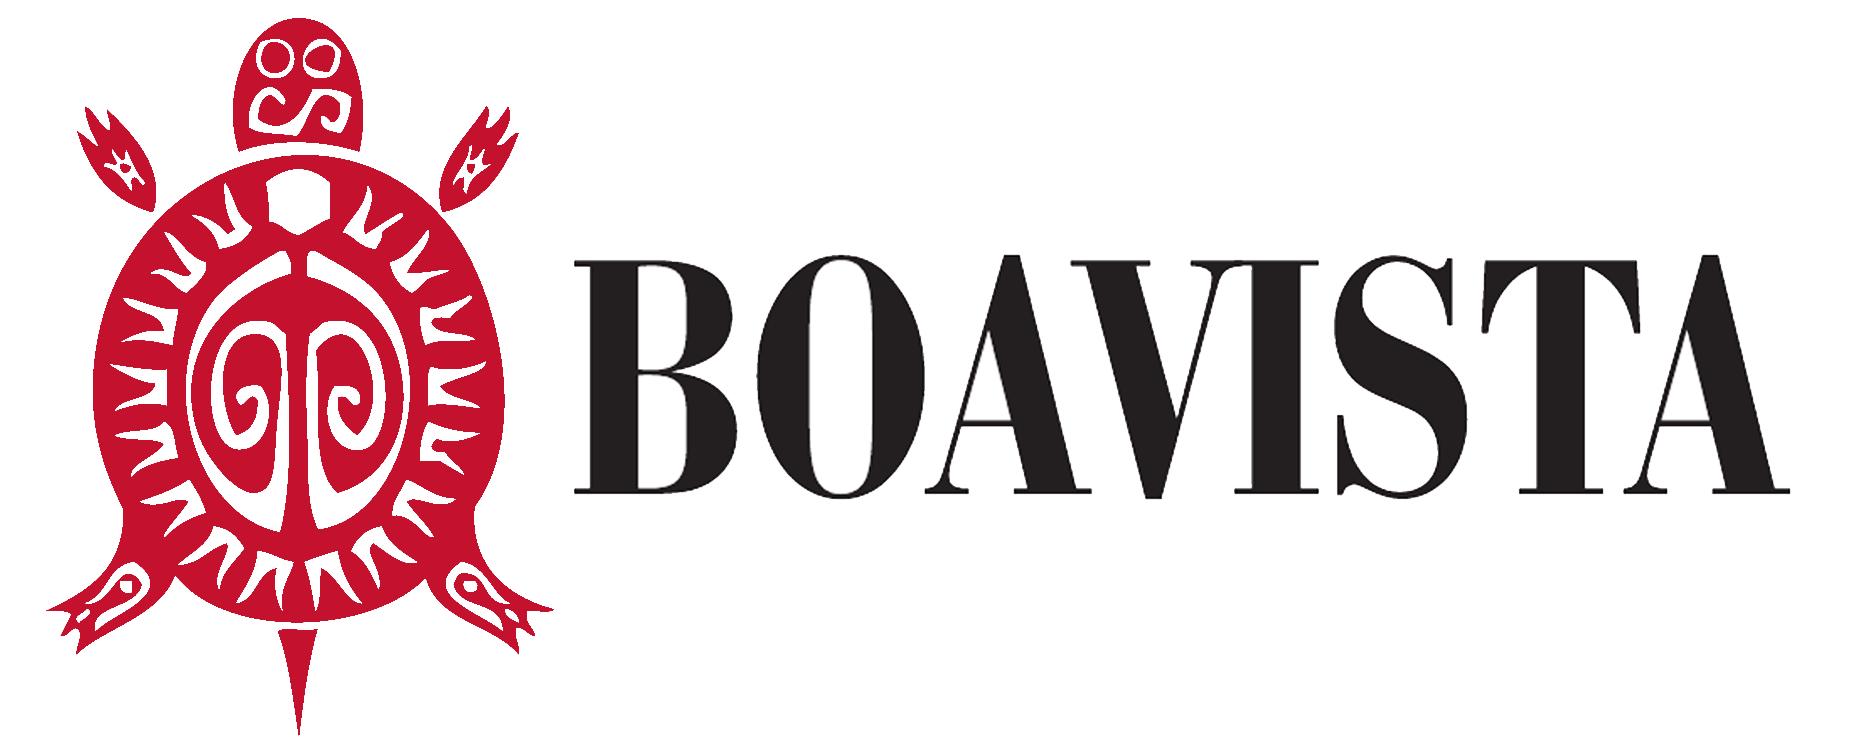 Boavista S.R.L.